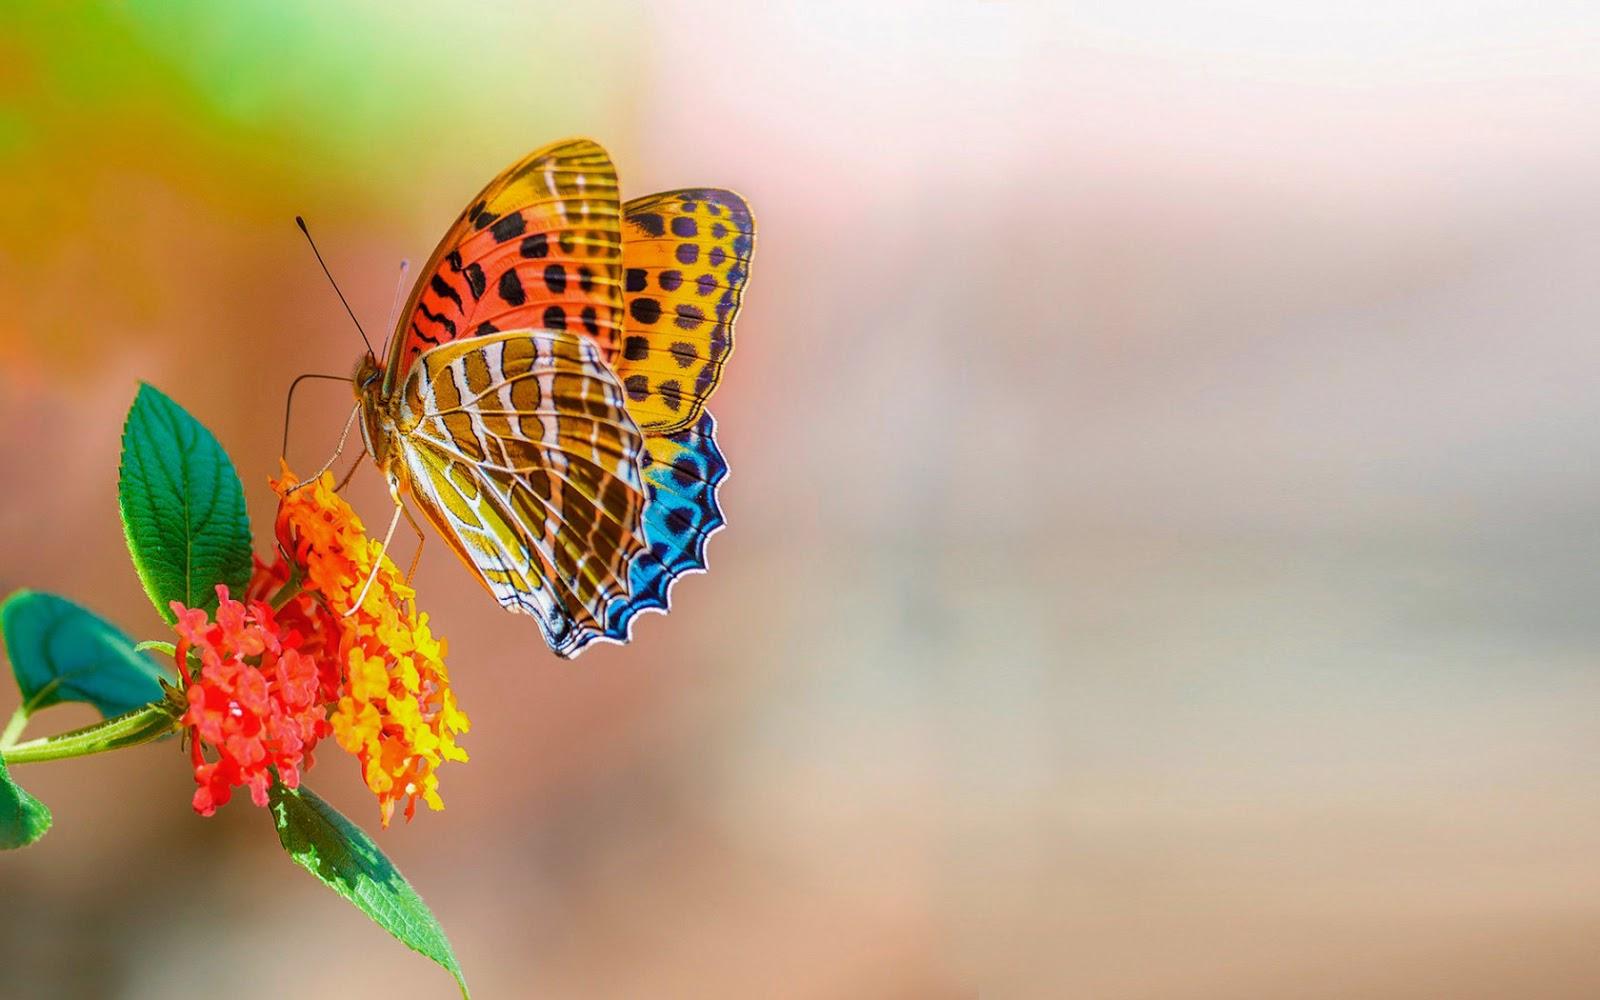 Mooie kleurrijke vlinder op mooie bloem